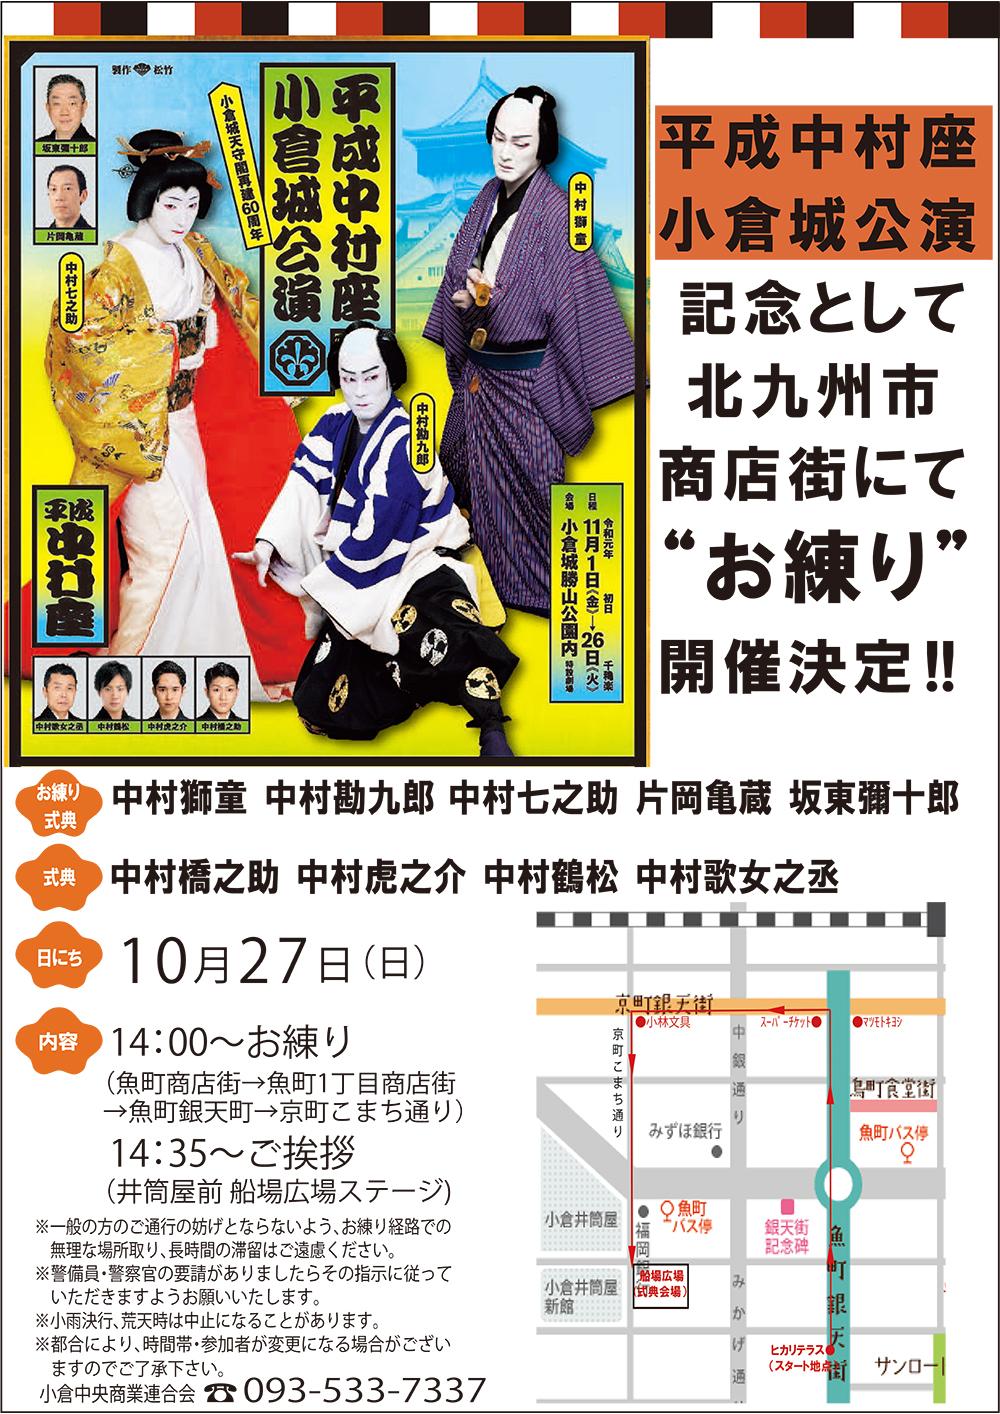 「平成中村座 小倉城公演」記念お練り・旦過市場